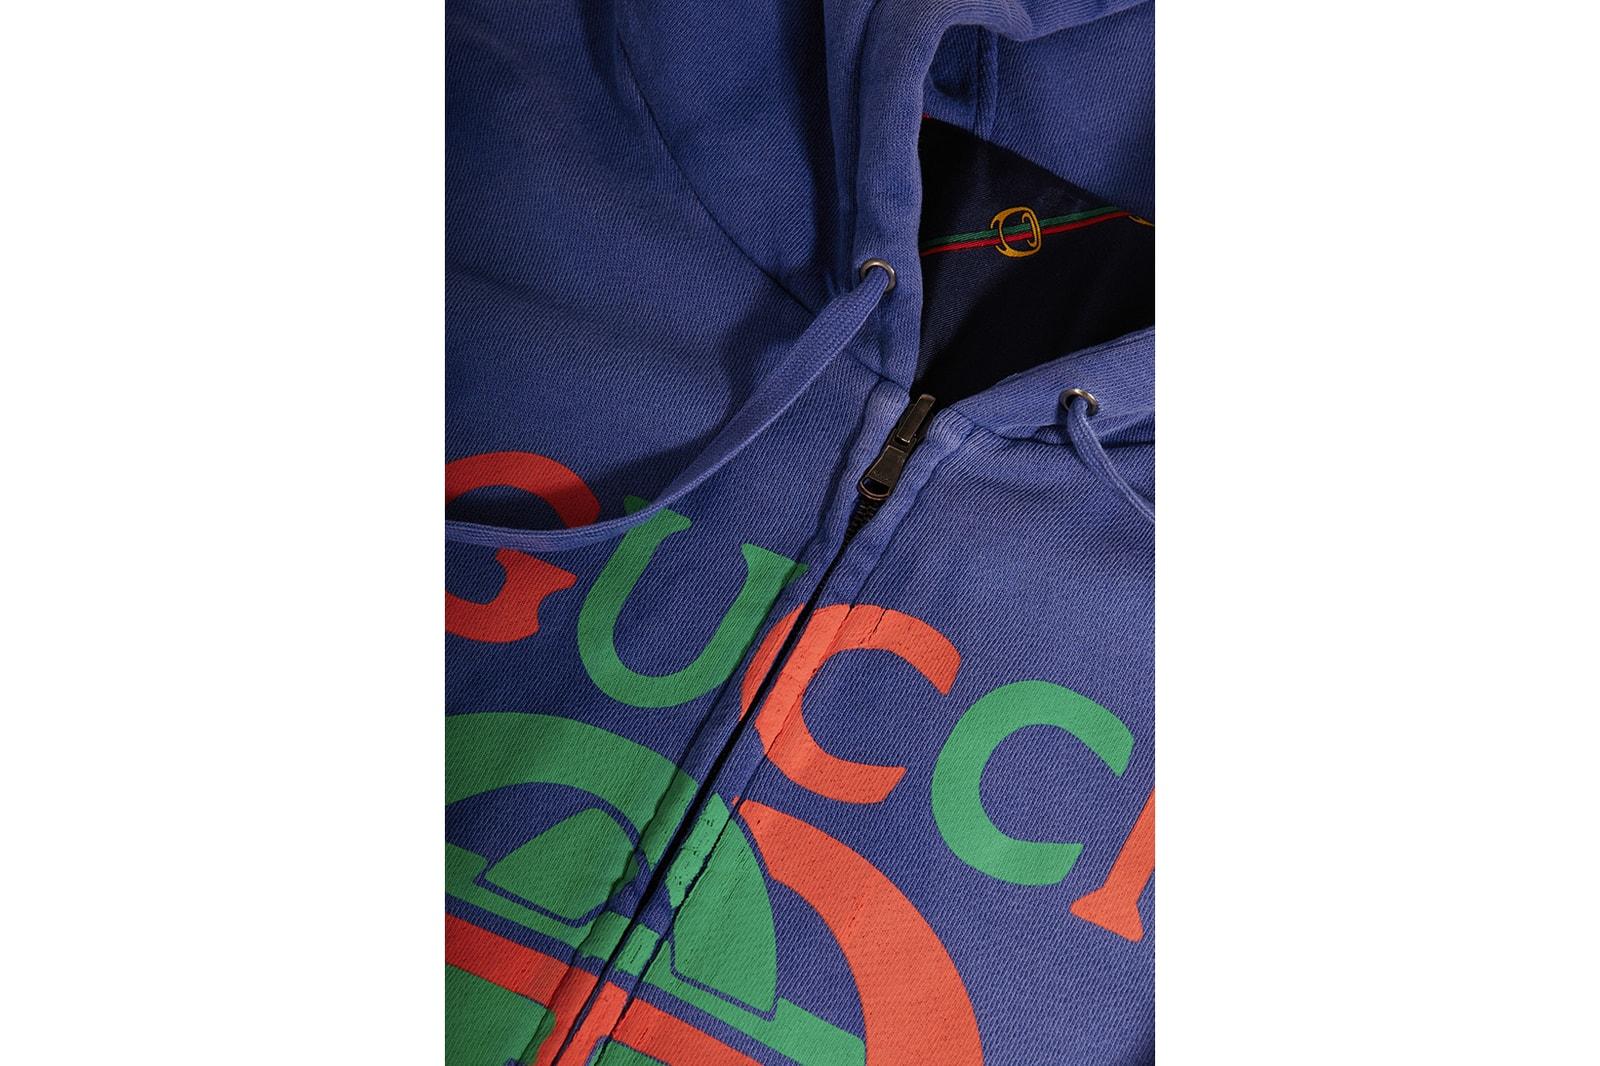 細覽 Gucci 2019 春夏系列最新登場單品